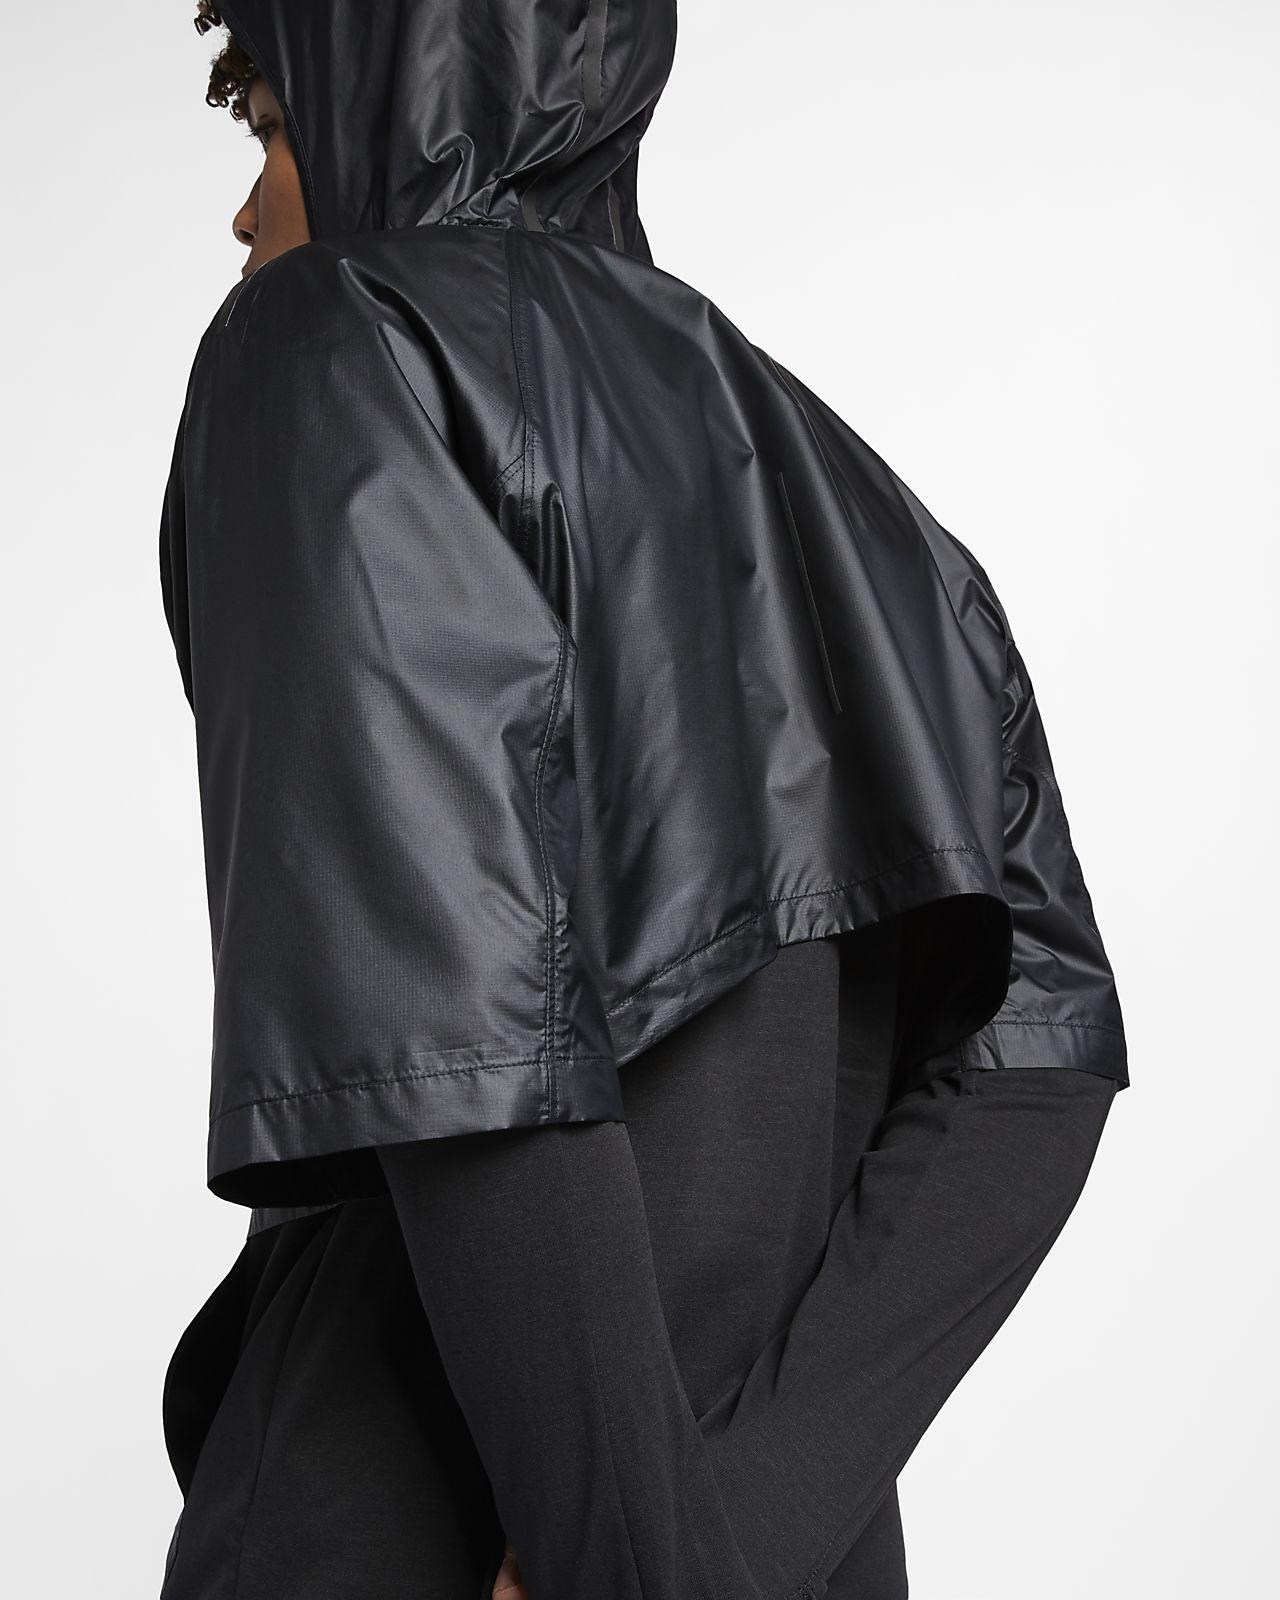 d859ba67f317d Haut de running Nike Sphere Transform pour Homme. Nike.com BE